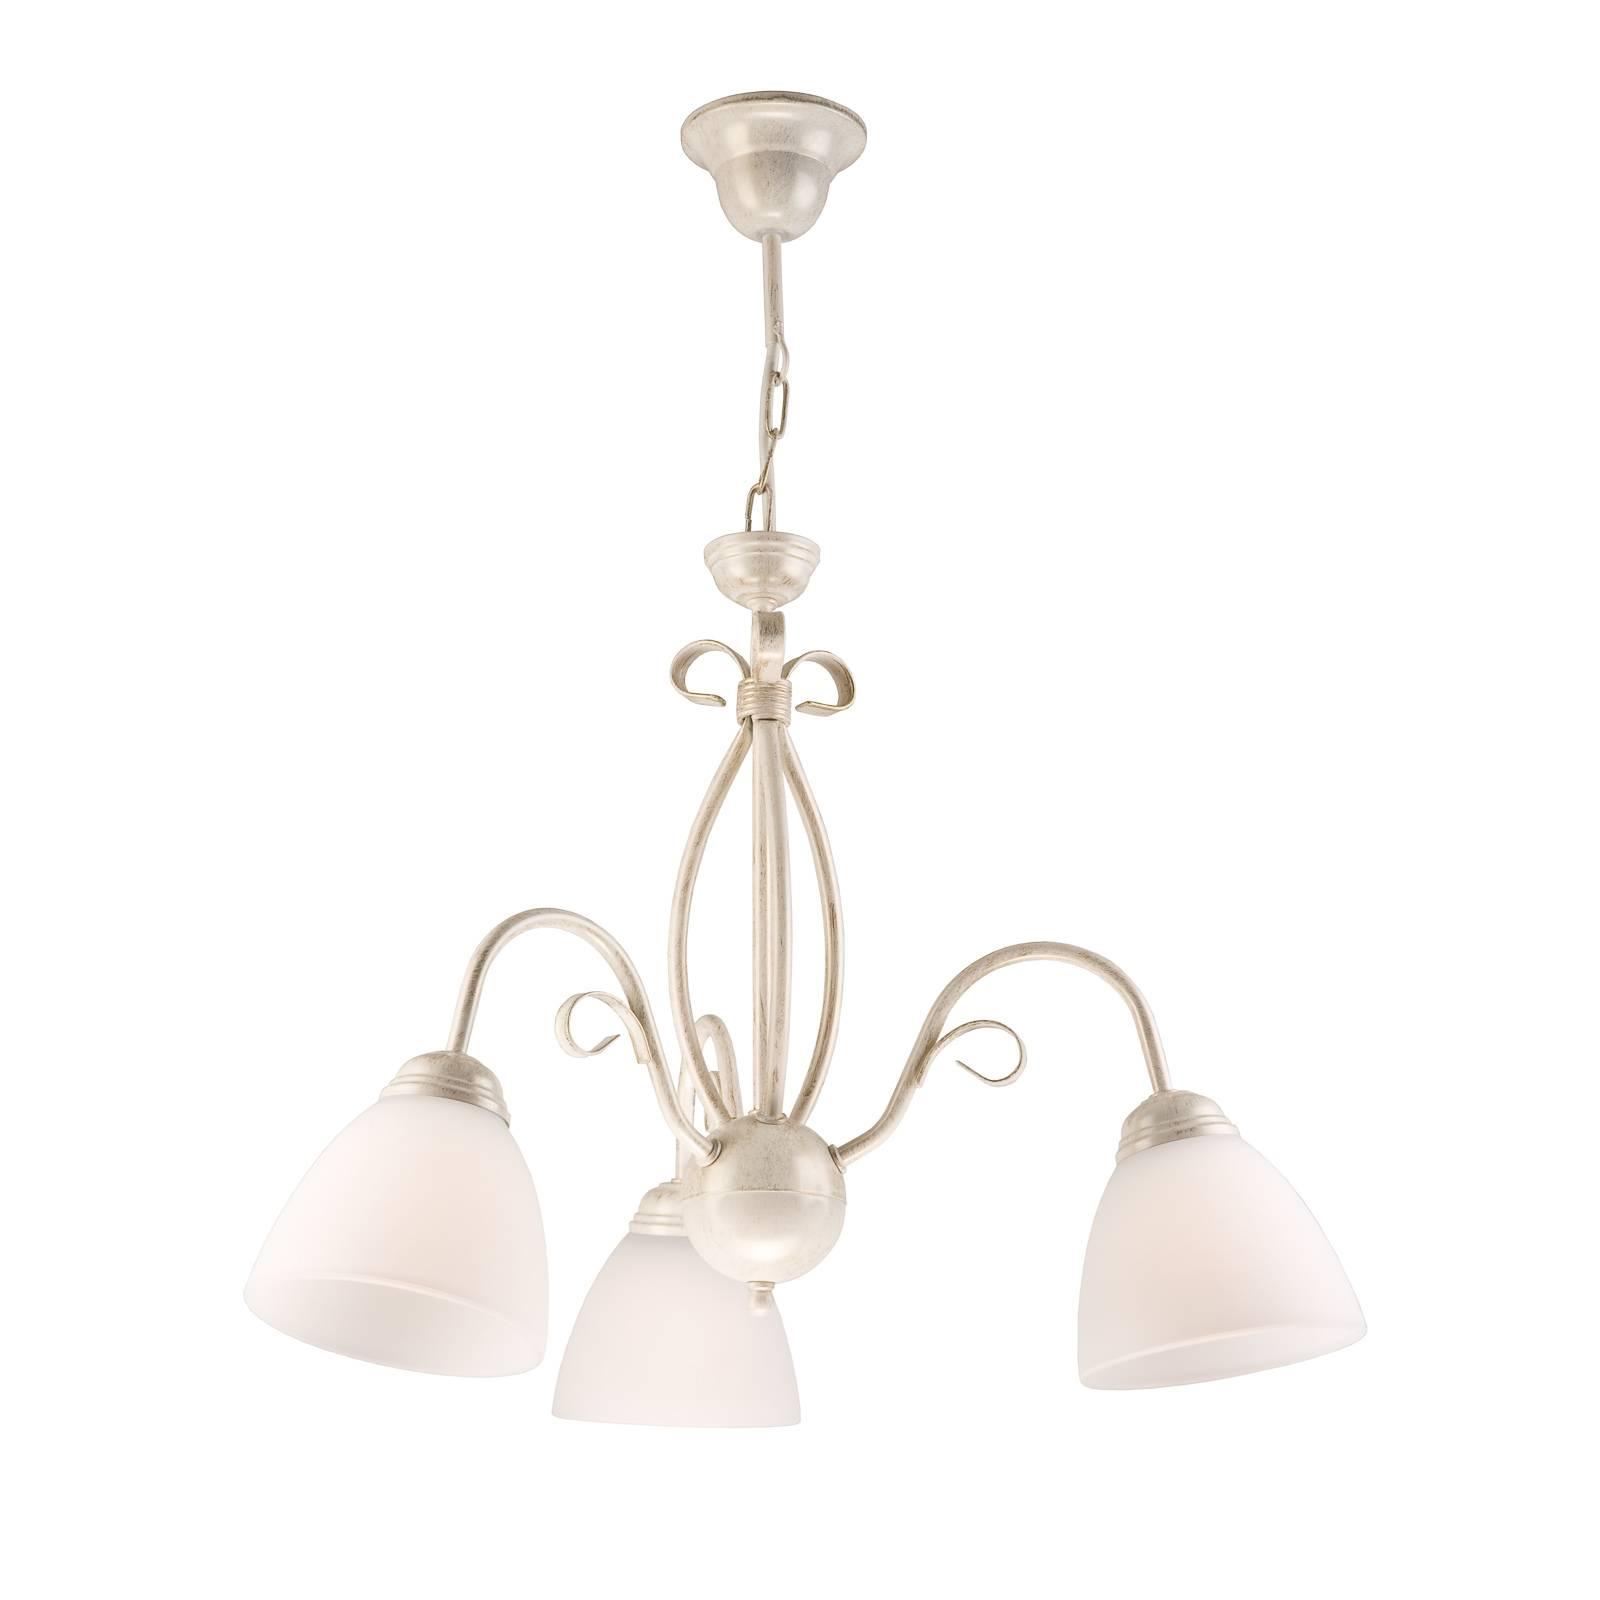 Riippuvalo Adoro, 3-lamppuinen, valkoinen